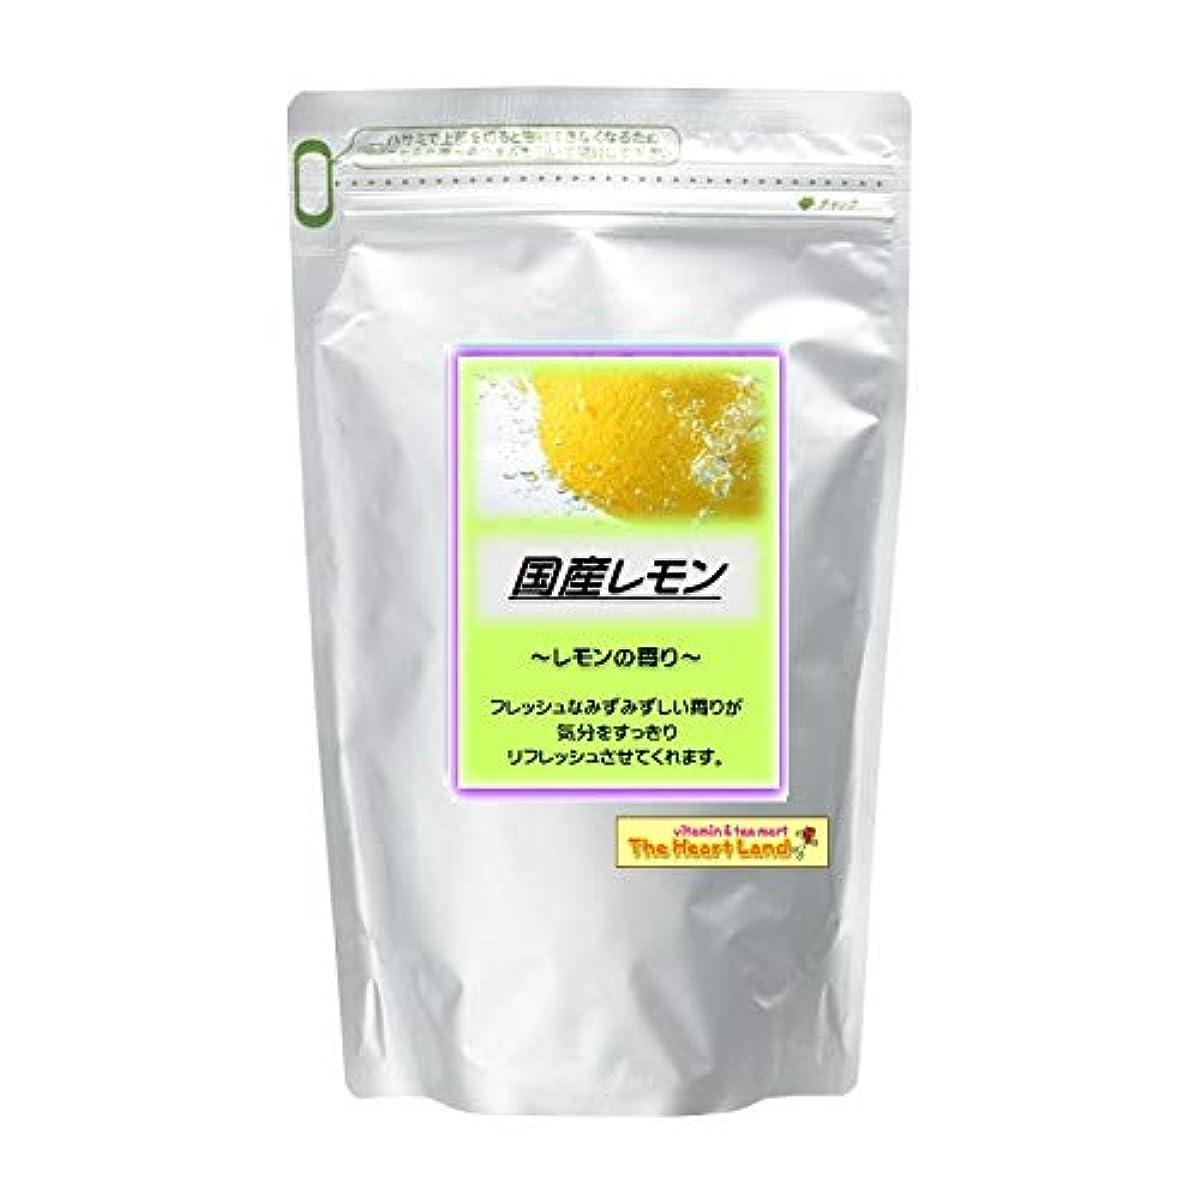 わな合図独立してアサヒ入浴剤 浴用入浴化粧品 国産レモン 300g